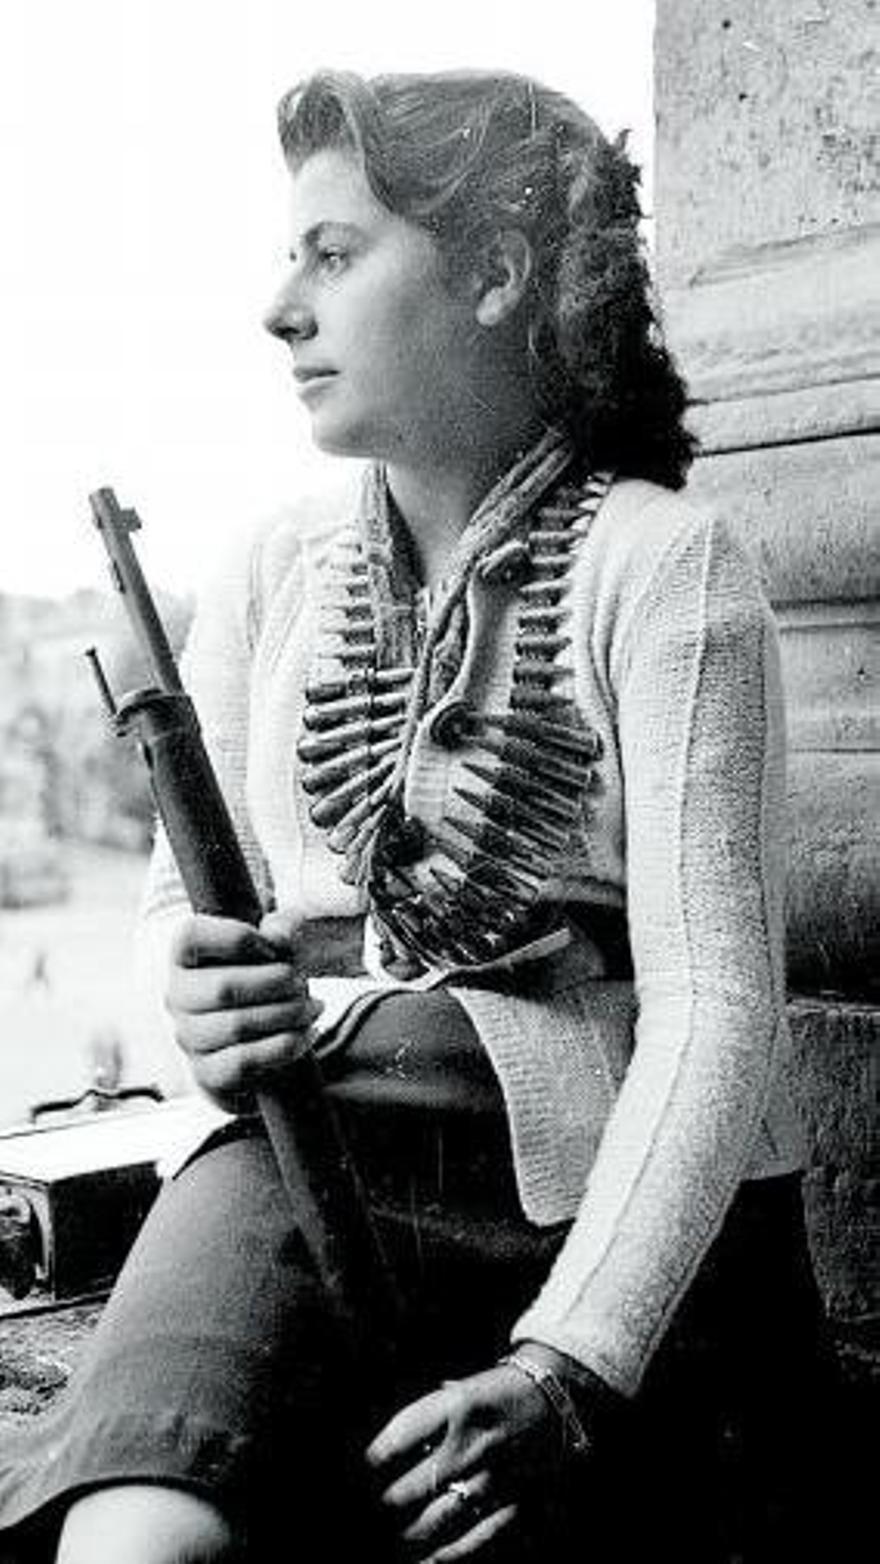 La republicana María Vázquez, de la Resistencia, tras liberar Ruán.